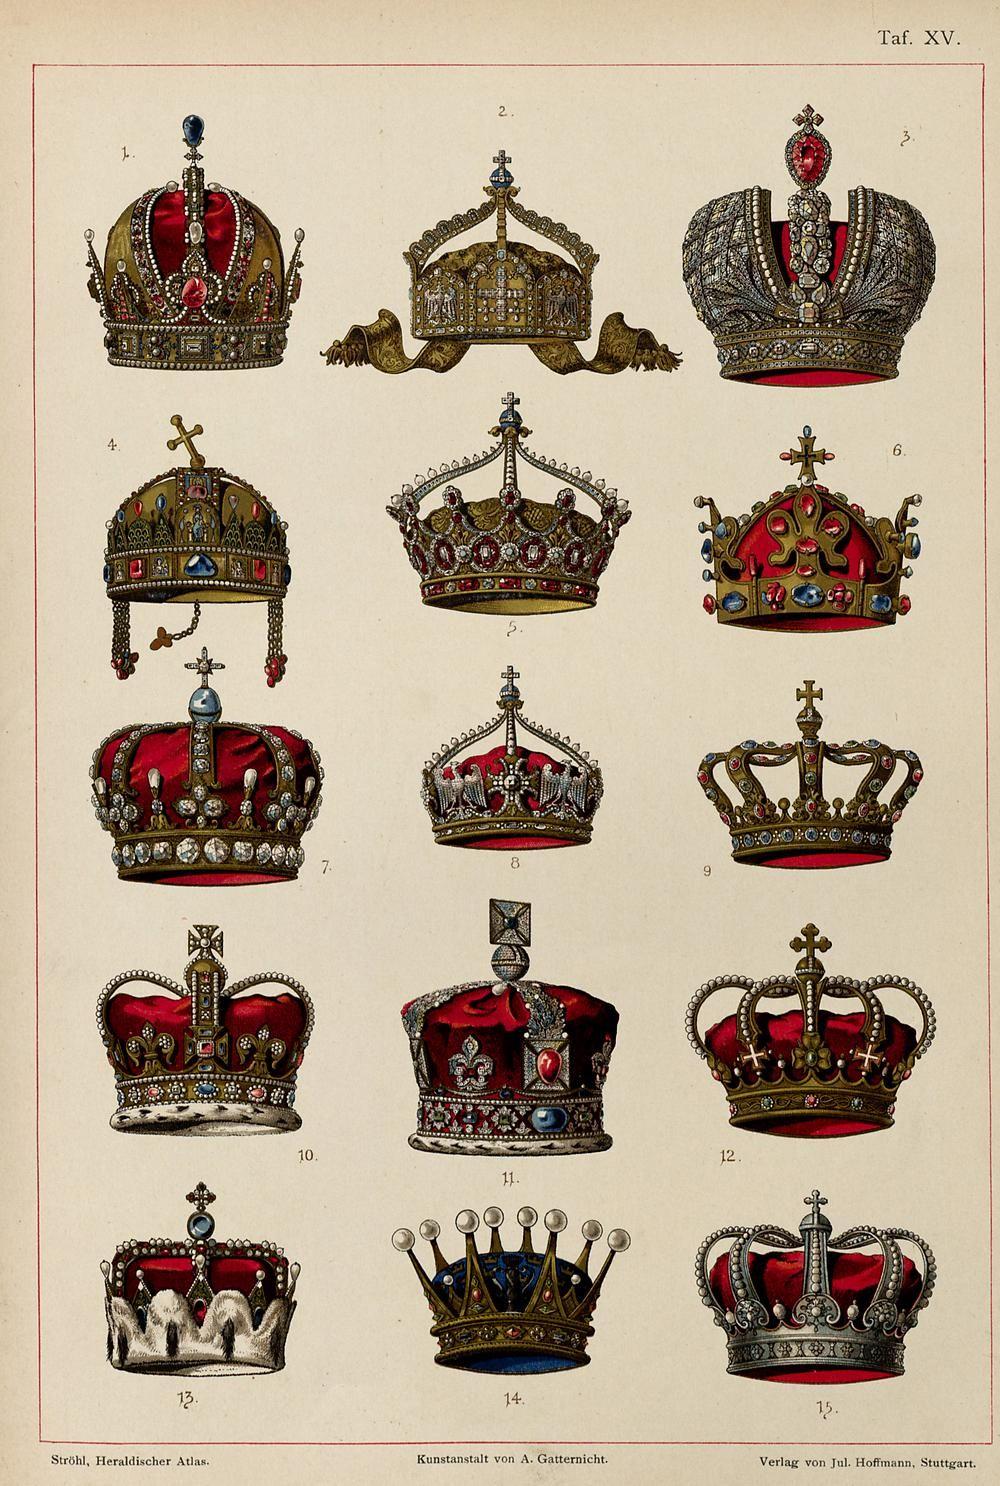 Mit Gott - für König - und Vaterland | Crowns | Pinterest ...